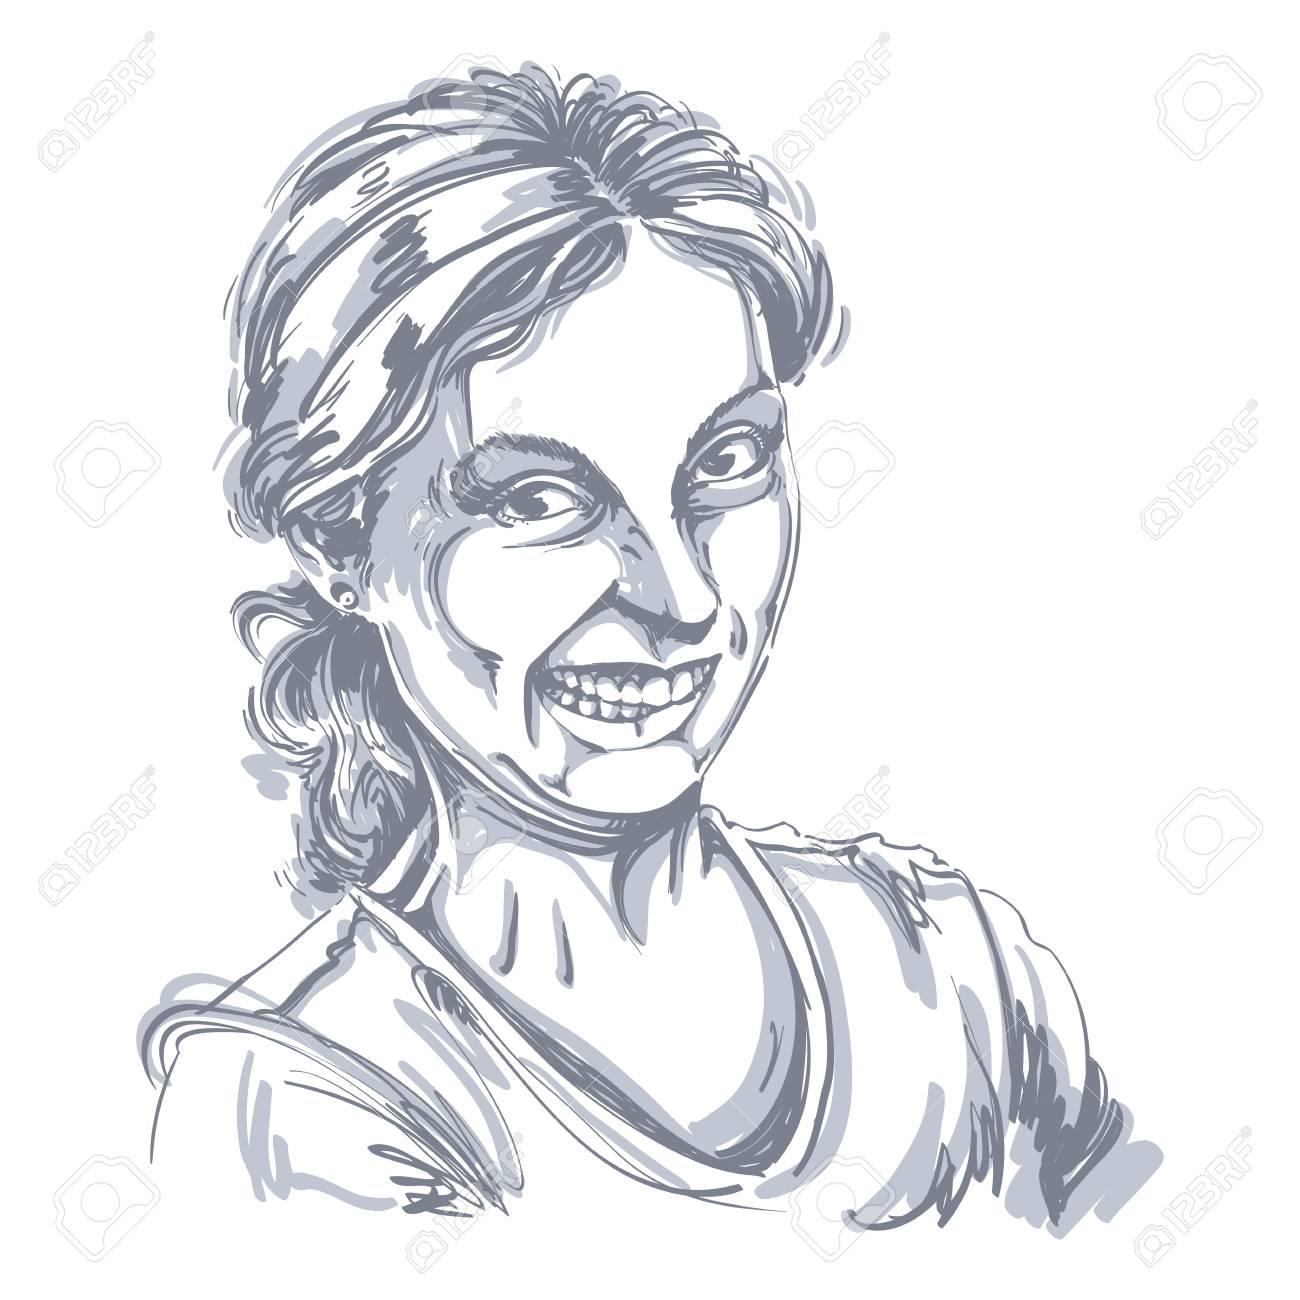 Un Dessin De Vecteur De Femme Faisant Une Grimace Drôle Portrait